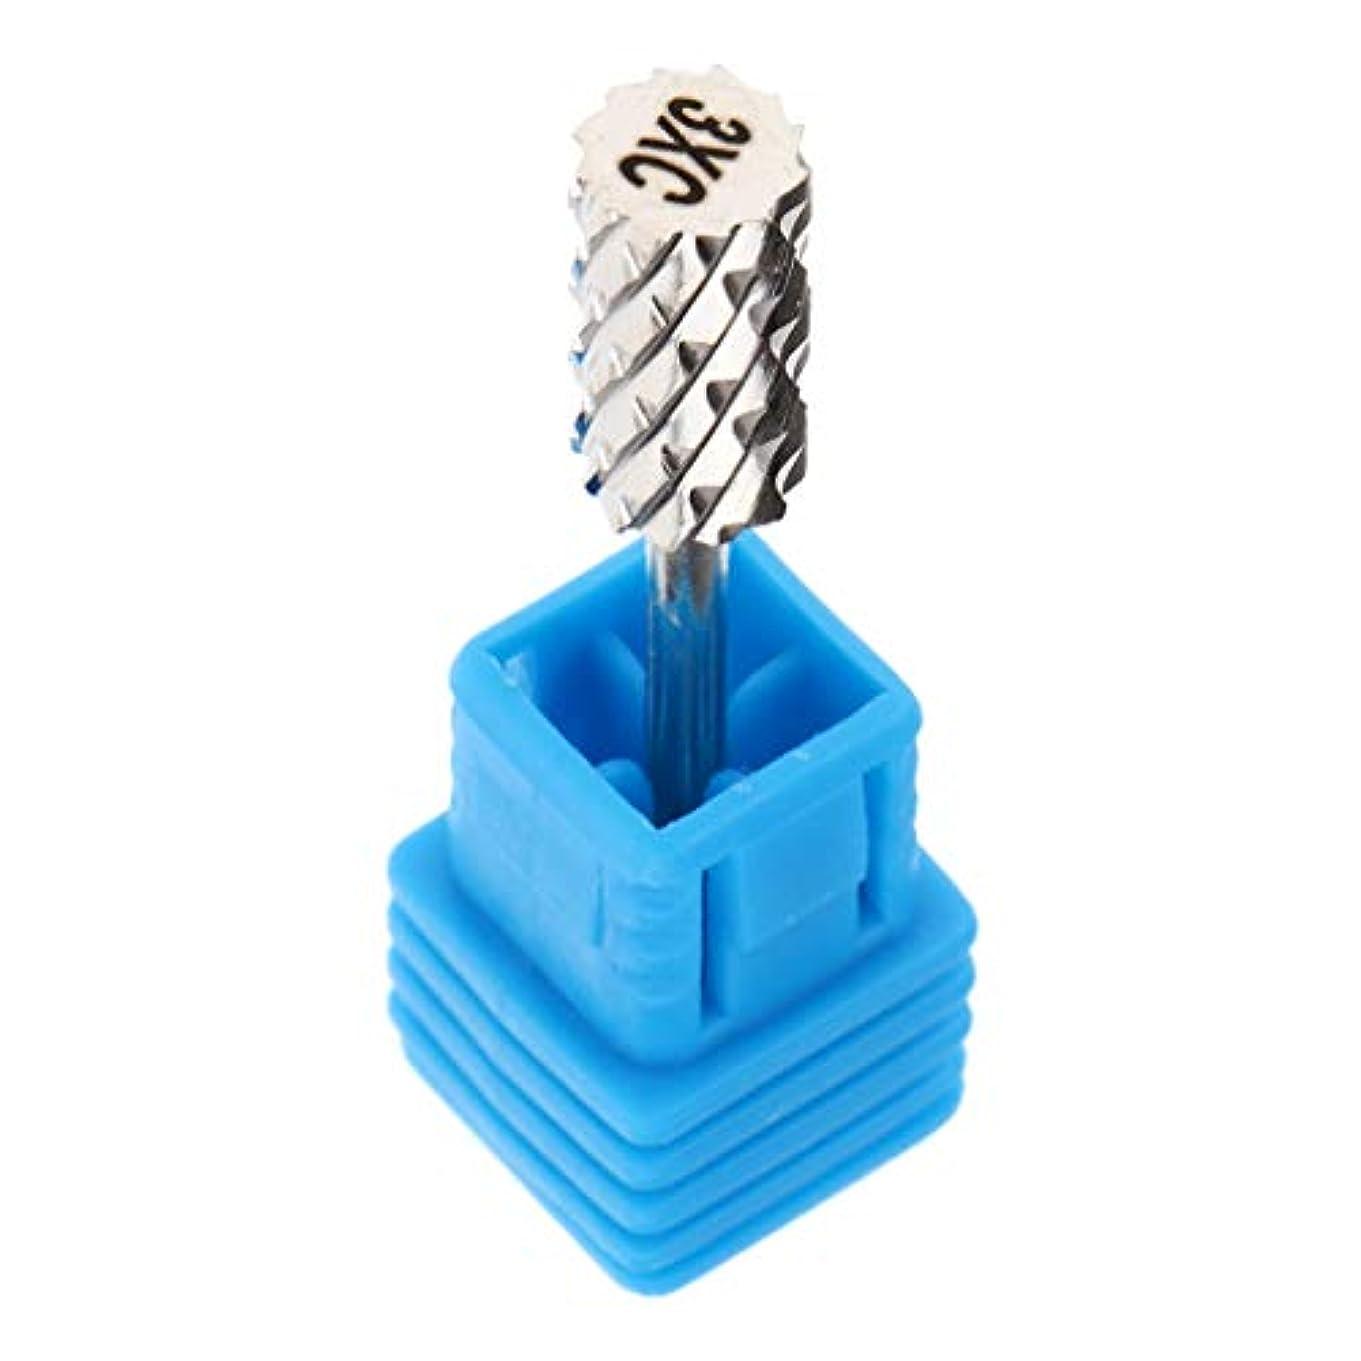 ブラケット反射債務CUTICATE 電気ネイルマシン ネイルドリルビット 研磨ヘッド ネイルサロン 爪やすり 全6選択 - 06